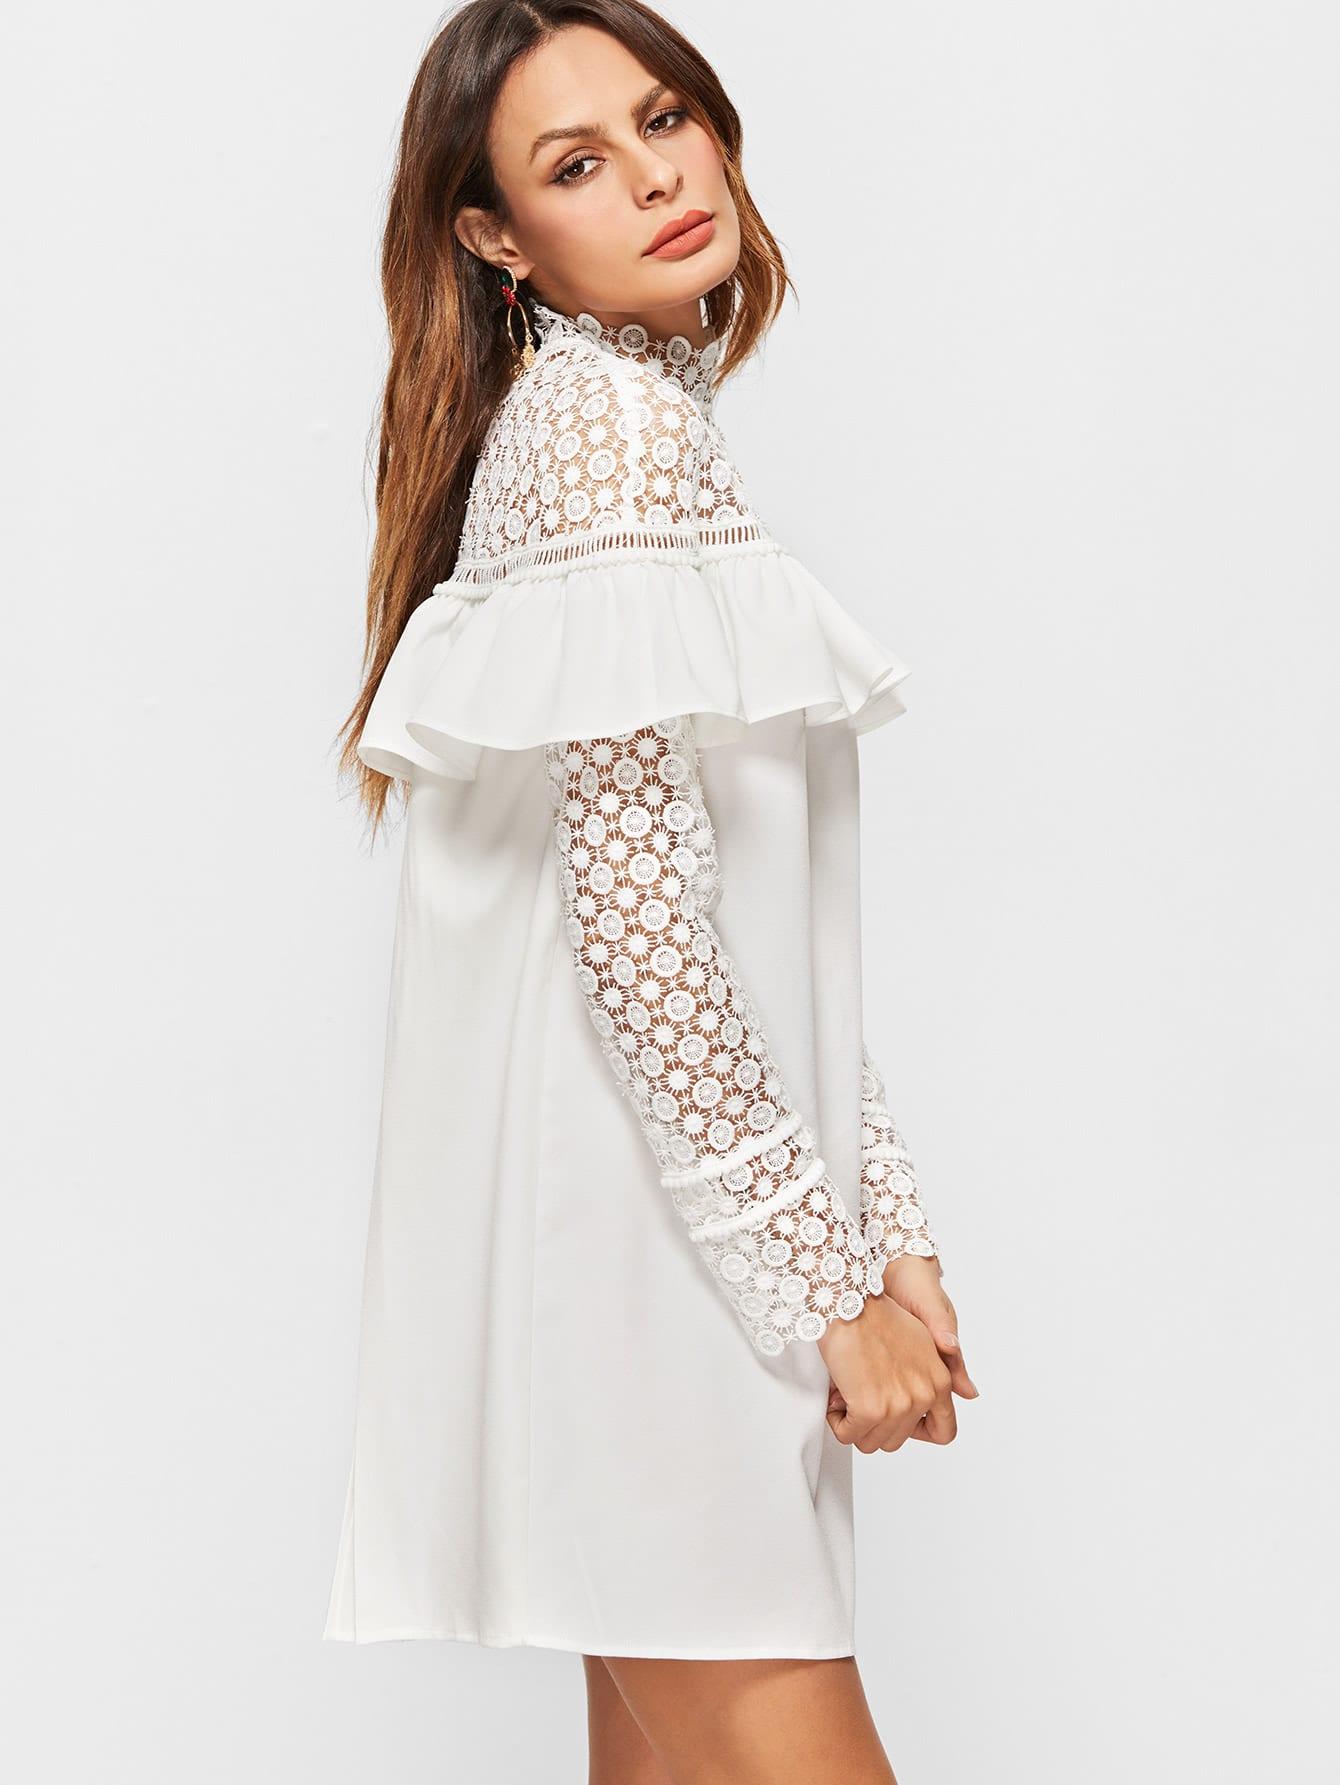 dress161206702_2